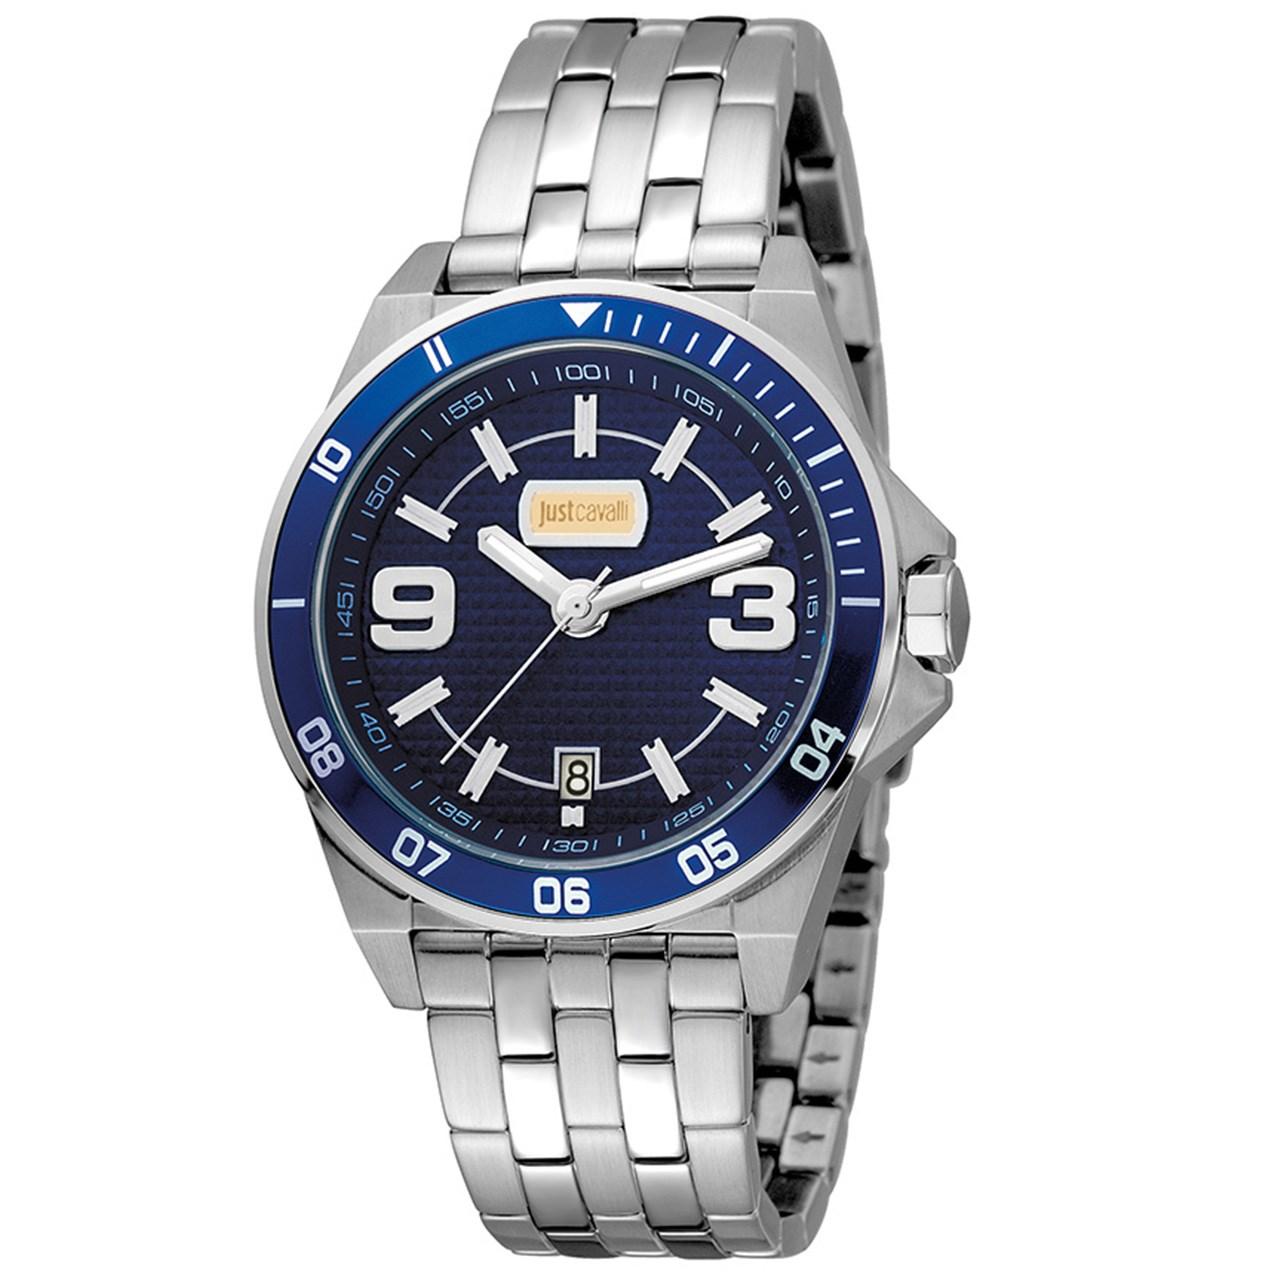 ساعت مچی عقربه ای مردانه جاست کاوالی مدل JC1G014M0075 20